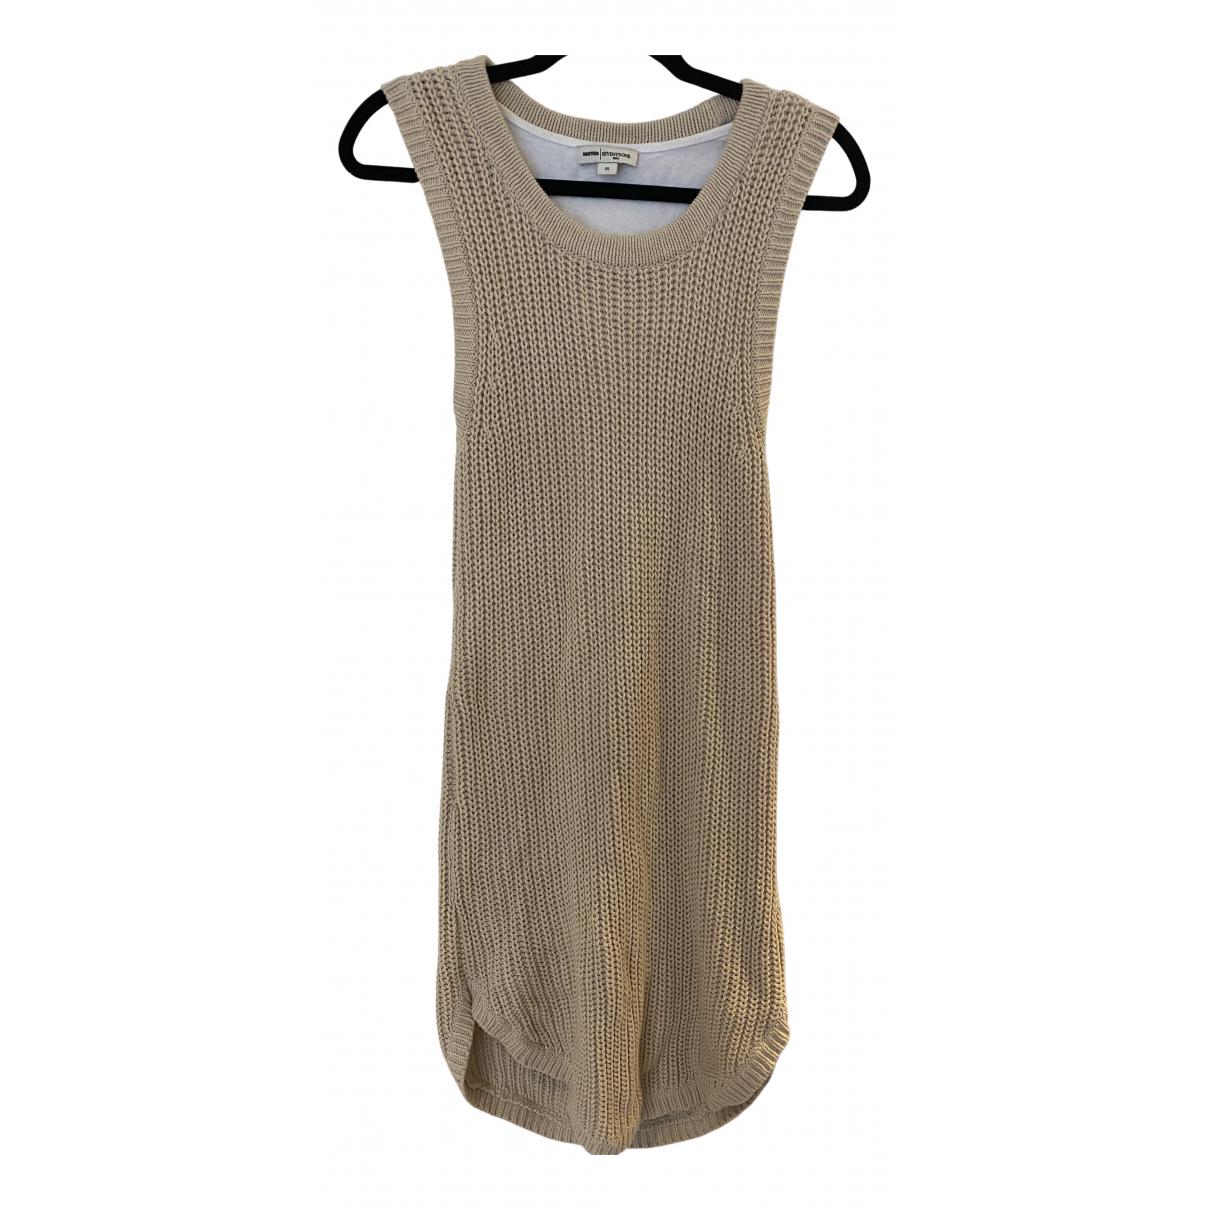 Reiss \N Kleid in  Beige Baumwolle